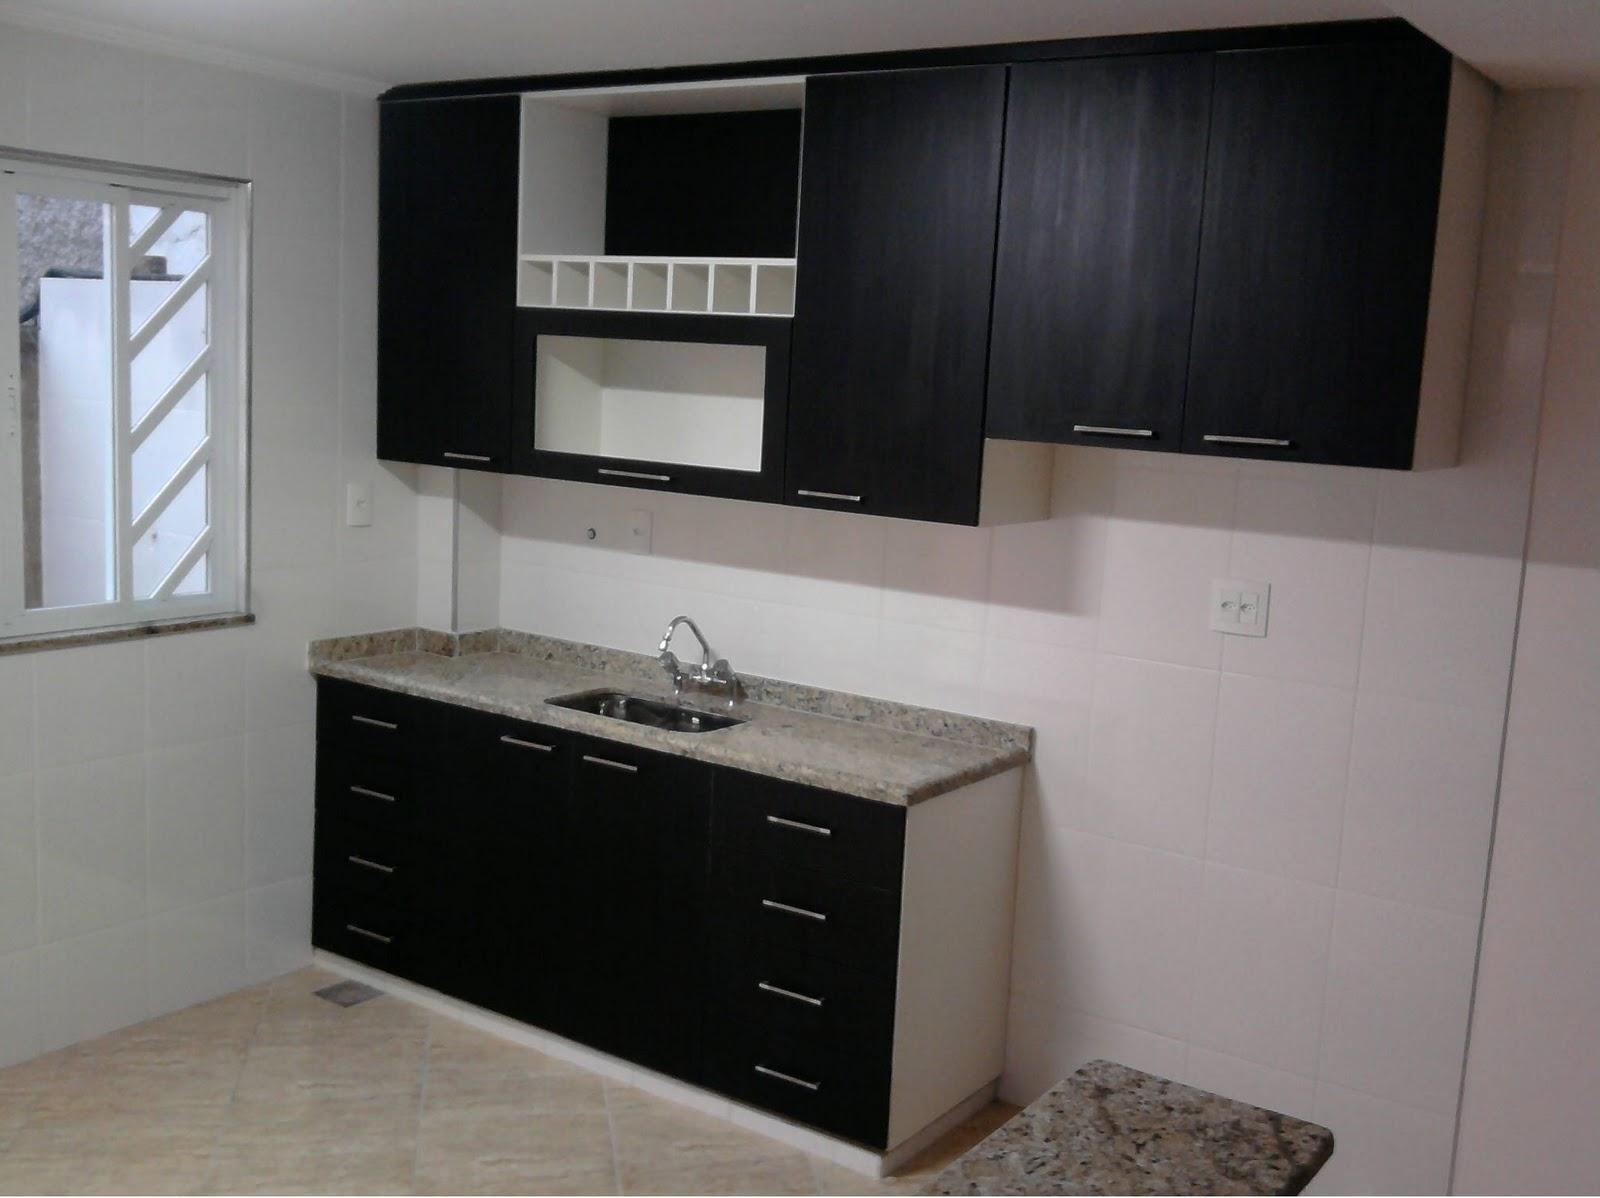 Se7e Móveis Design: Cozinhas NOVAS IMAGENS #5D4D45 1600 1198